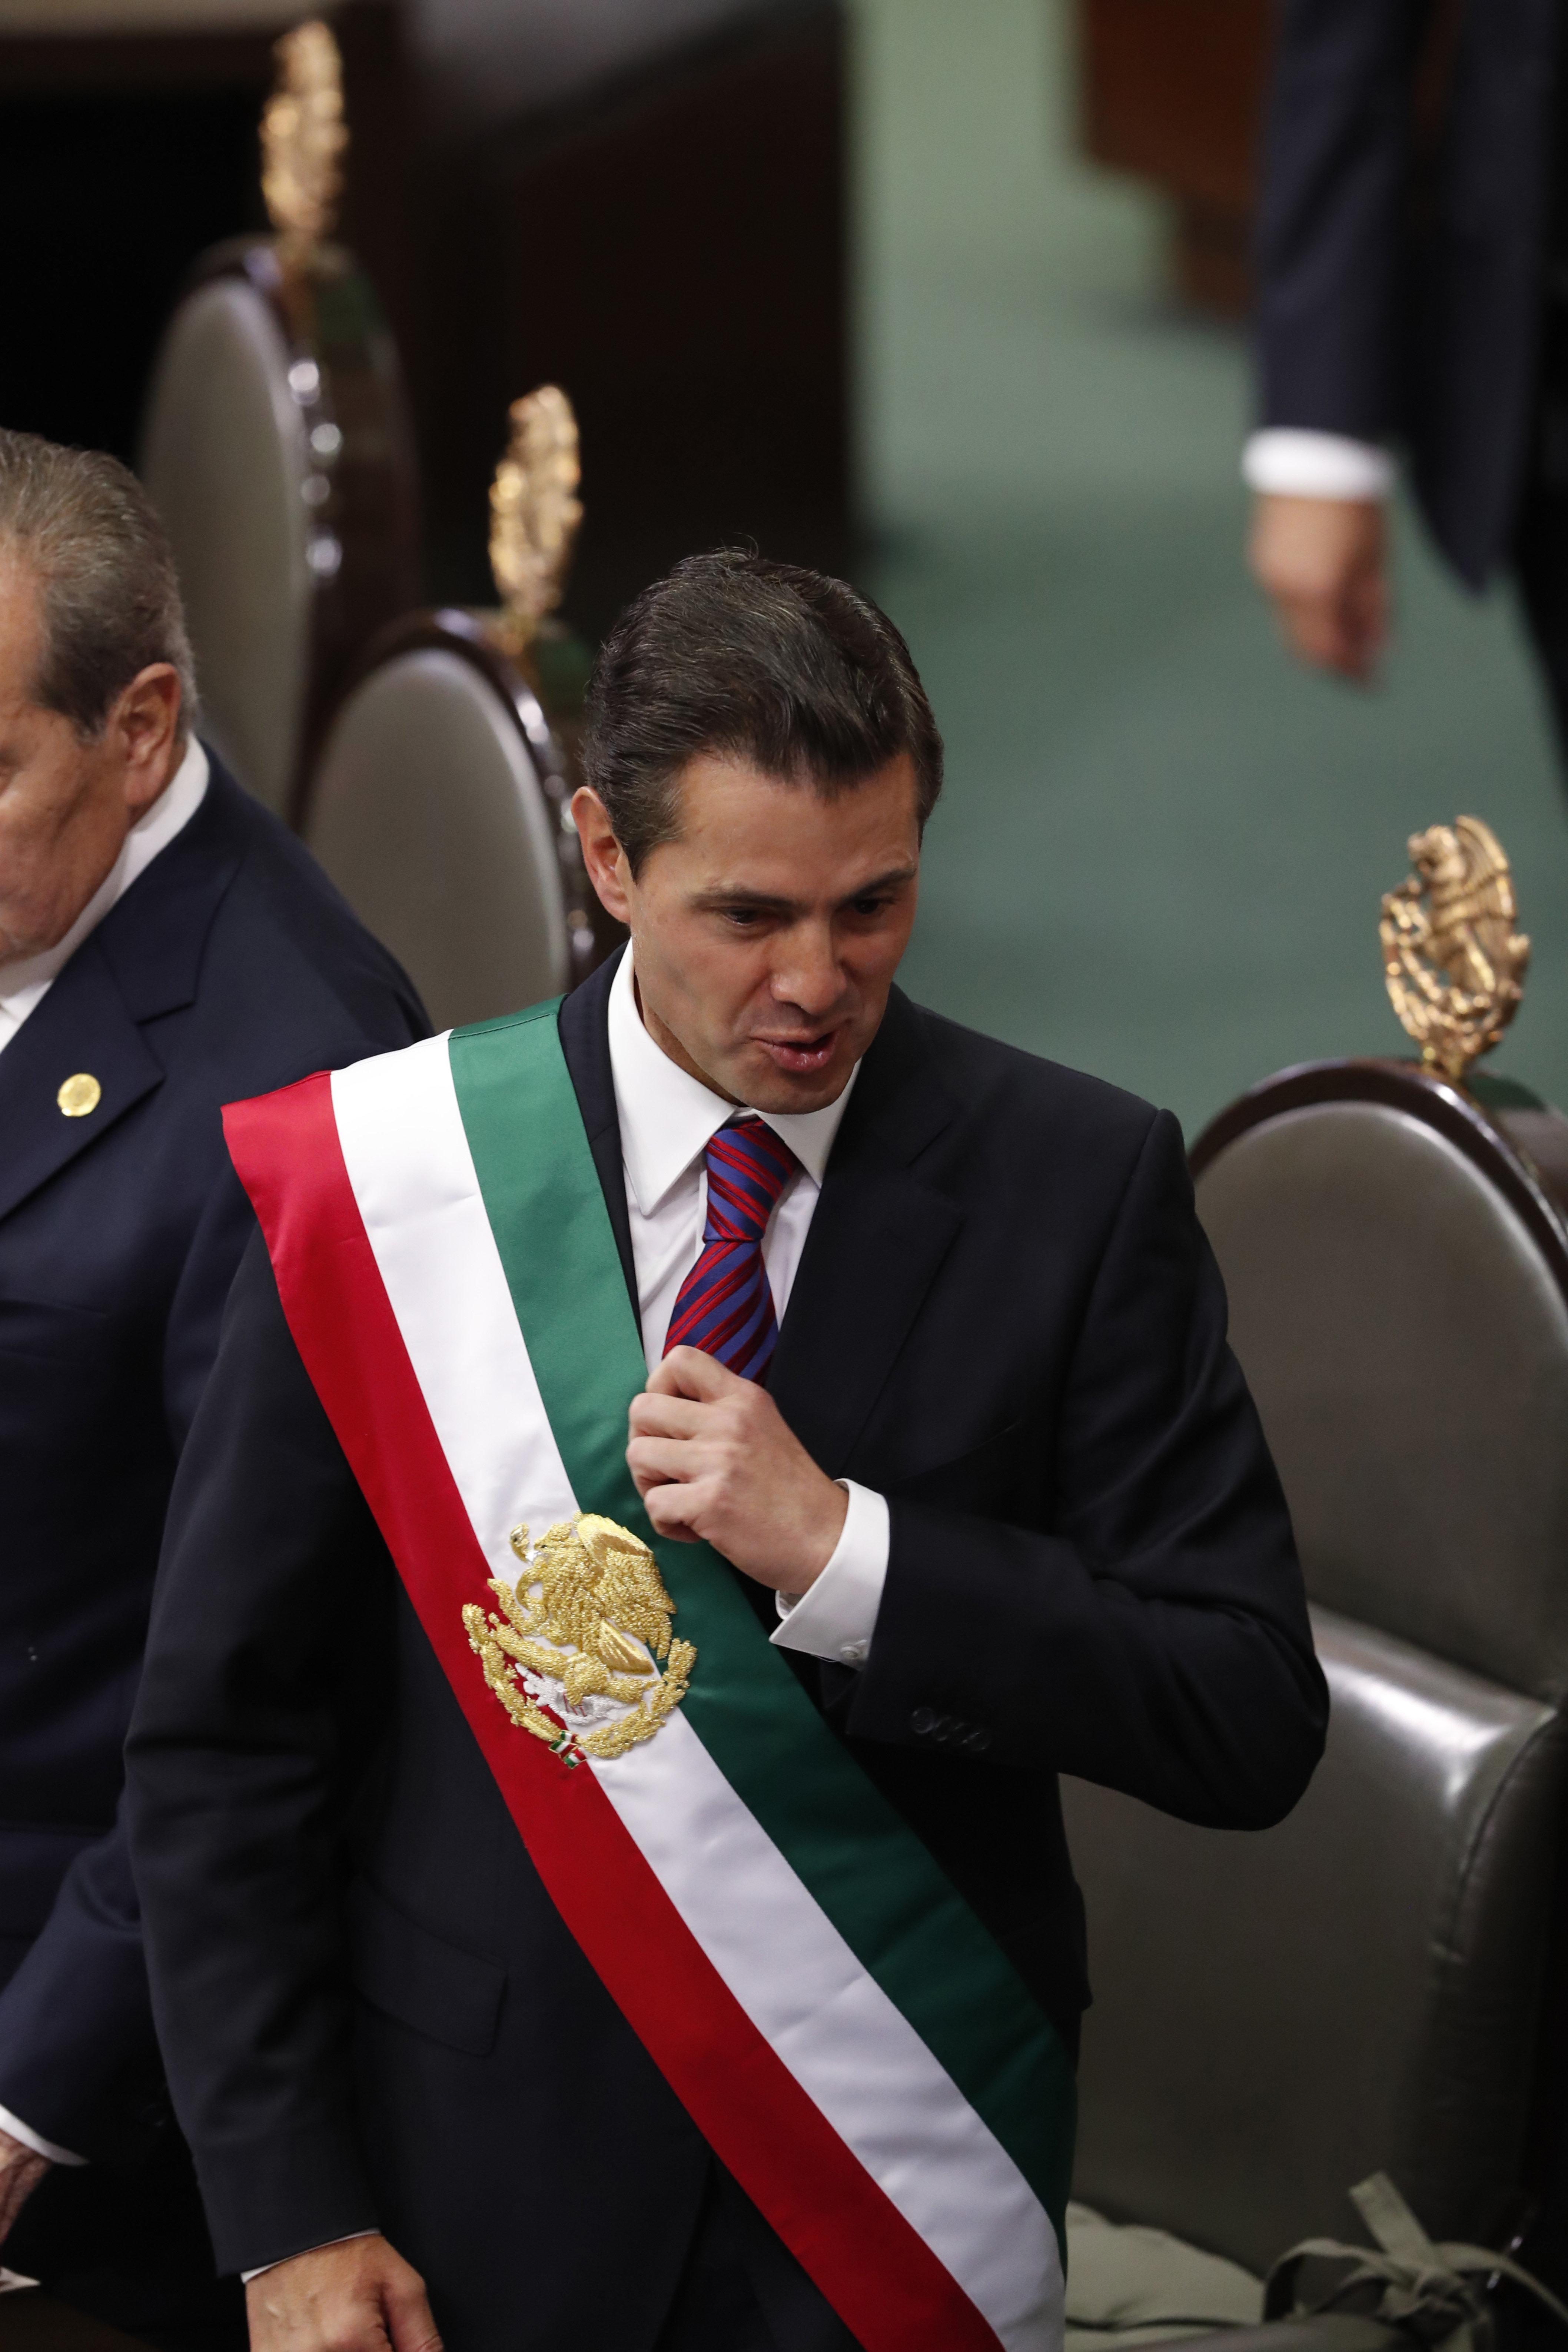 Μεξικό: Μάρτυρας κατέθεσε πως ο «Ελ Τσάπο» δωροδόκησε τον πρώην πρόεδρο Πένα Νιέτο με 100 εκατ.